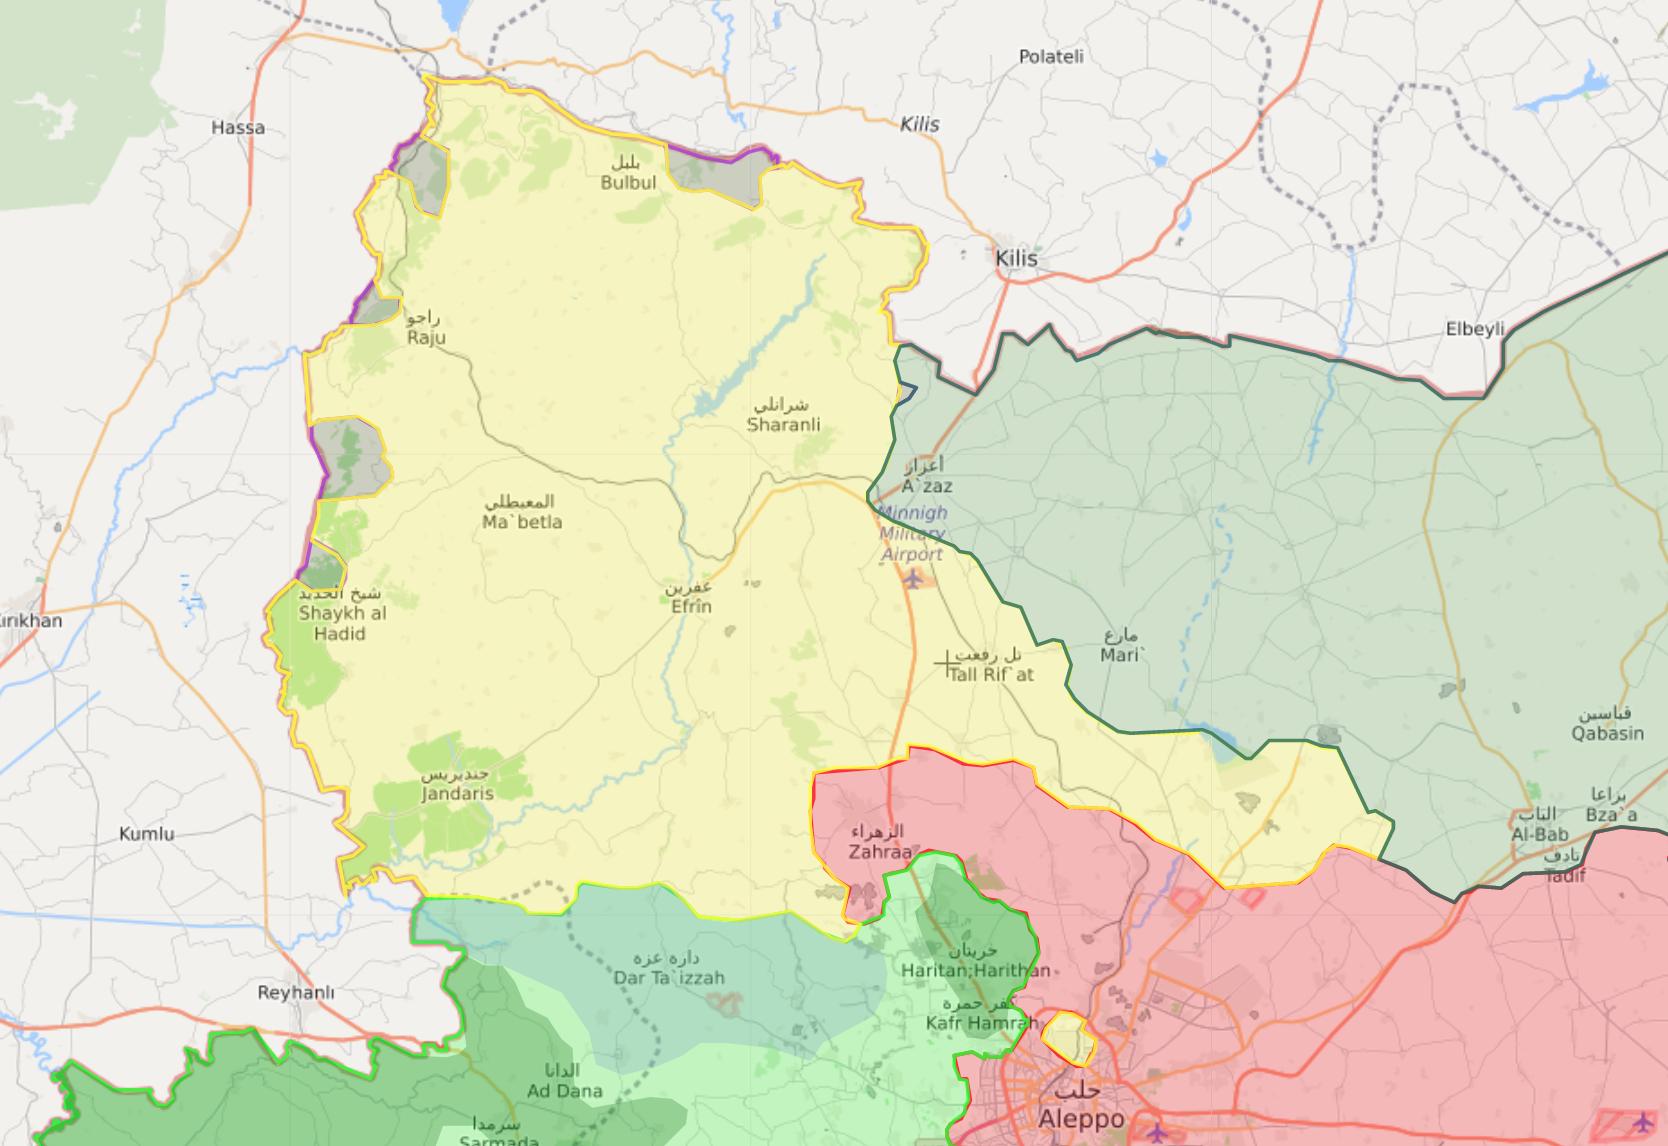 خريطة السيطرة في منطقة عفرين بريف حلب الشمالي - 27 كانون الثاني 2018 (livemap)